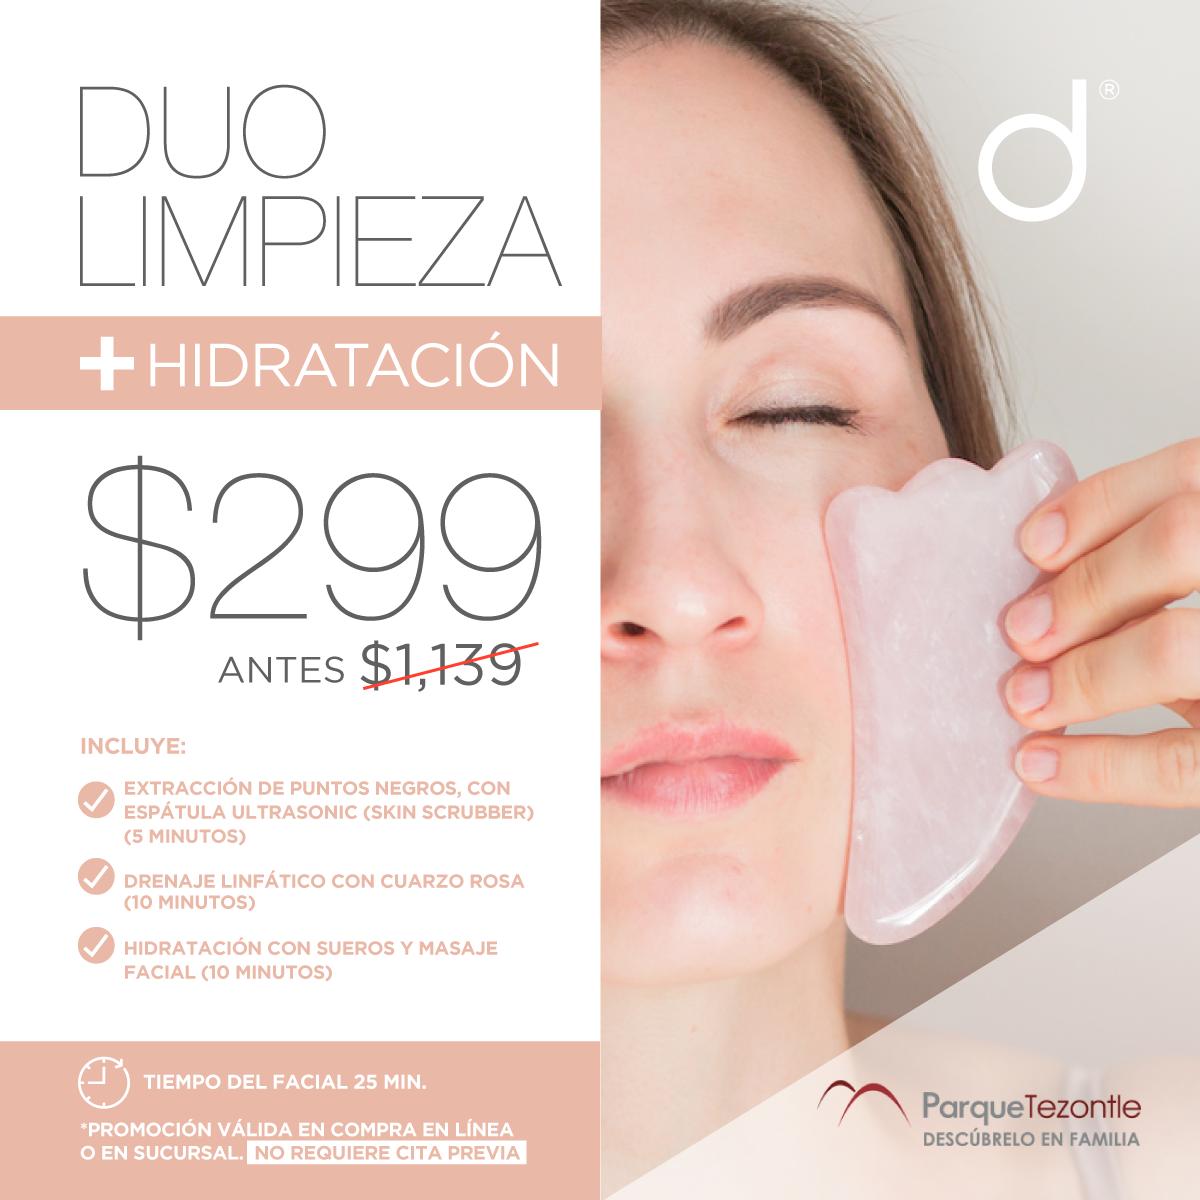 Facial Duo Limpieza + Hidratación- SÓLO PARQUE TEZONTLE&w=900&h=900&fit=crop